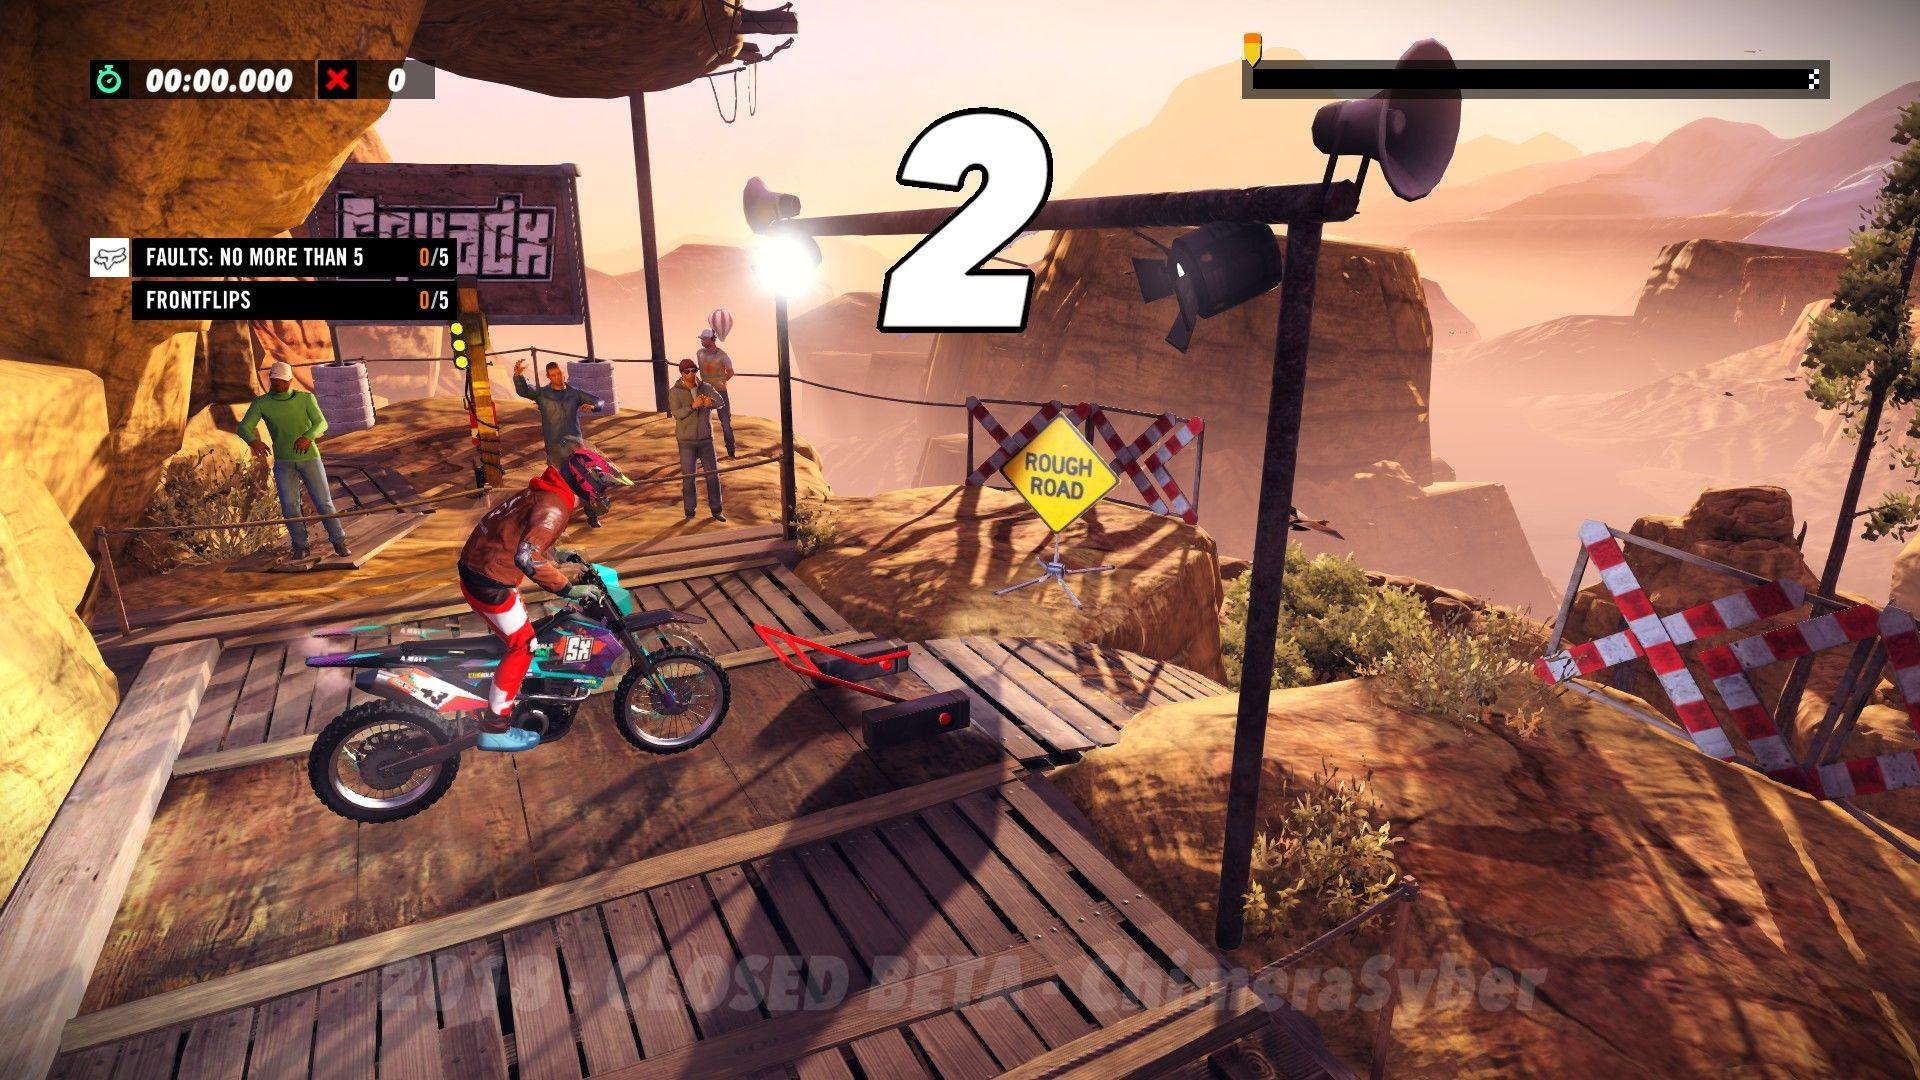 Новая игра онлайн збт черепашки ниндзя и новые приключения игры онлайн